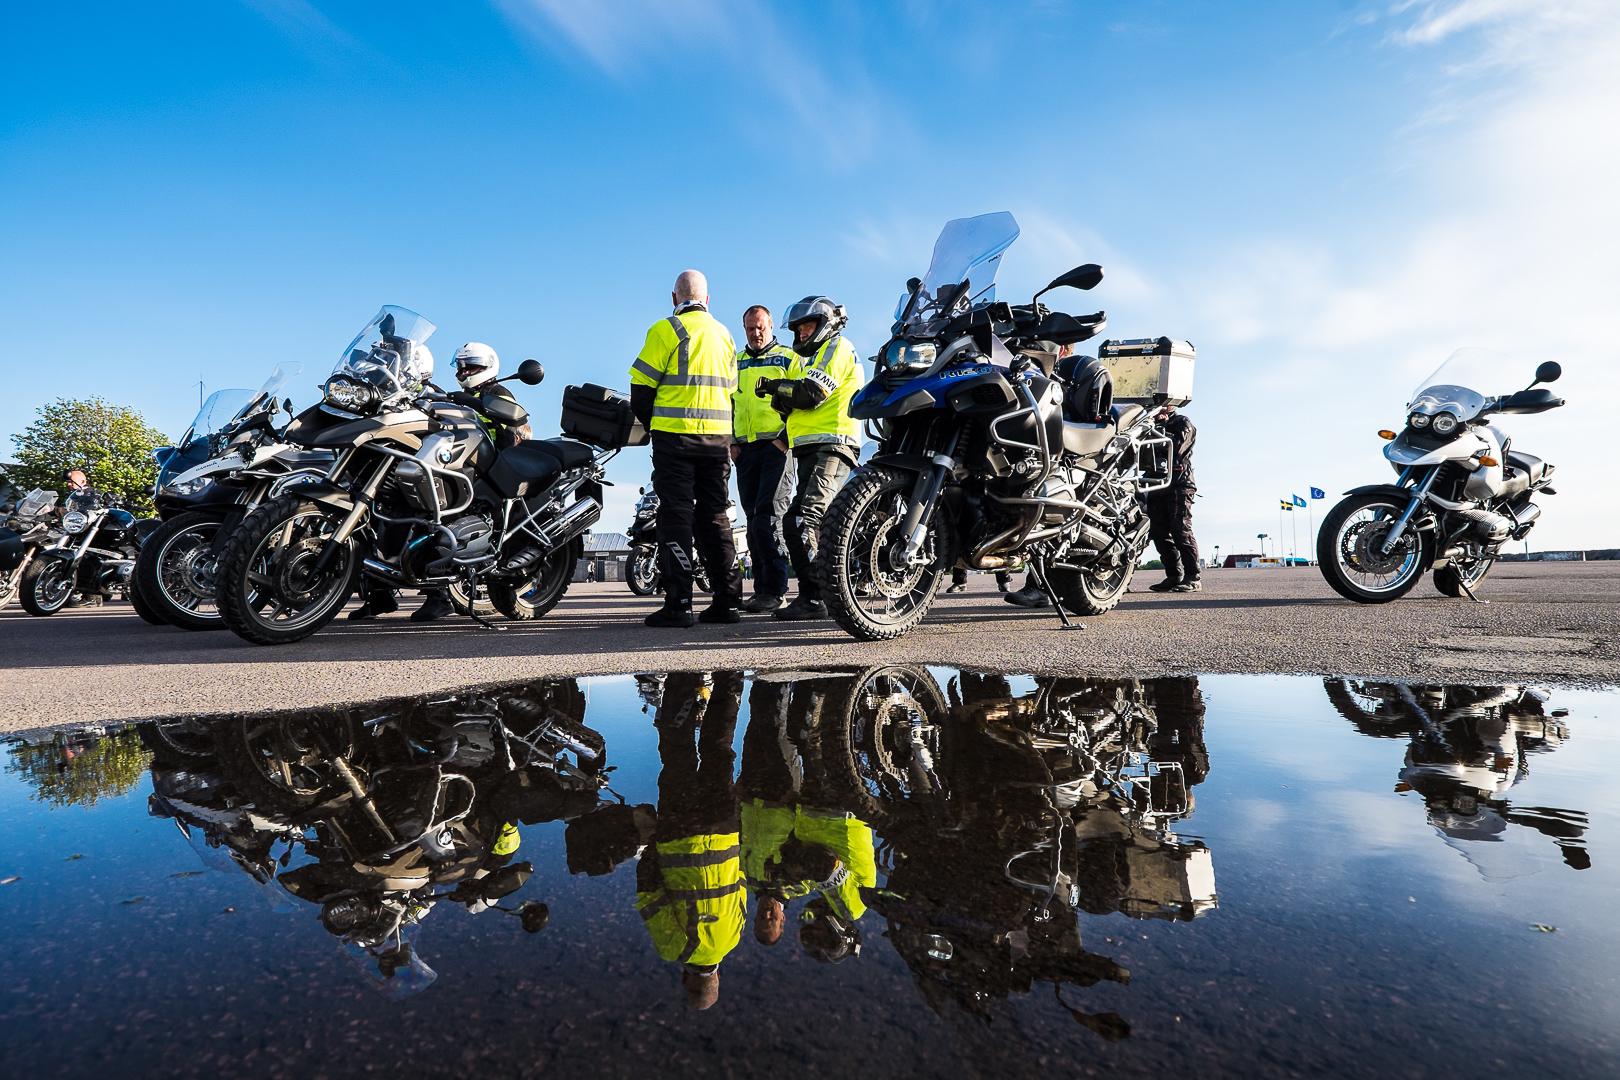 Bmw motorcyklar som avspeglas i vatten